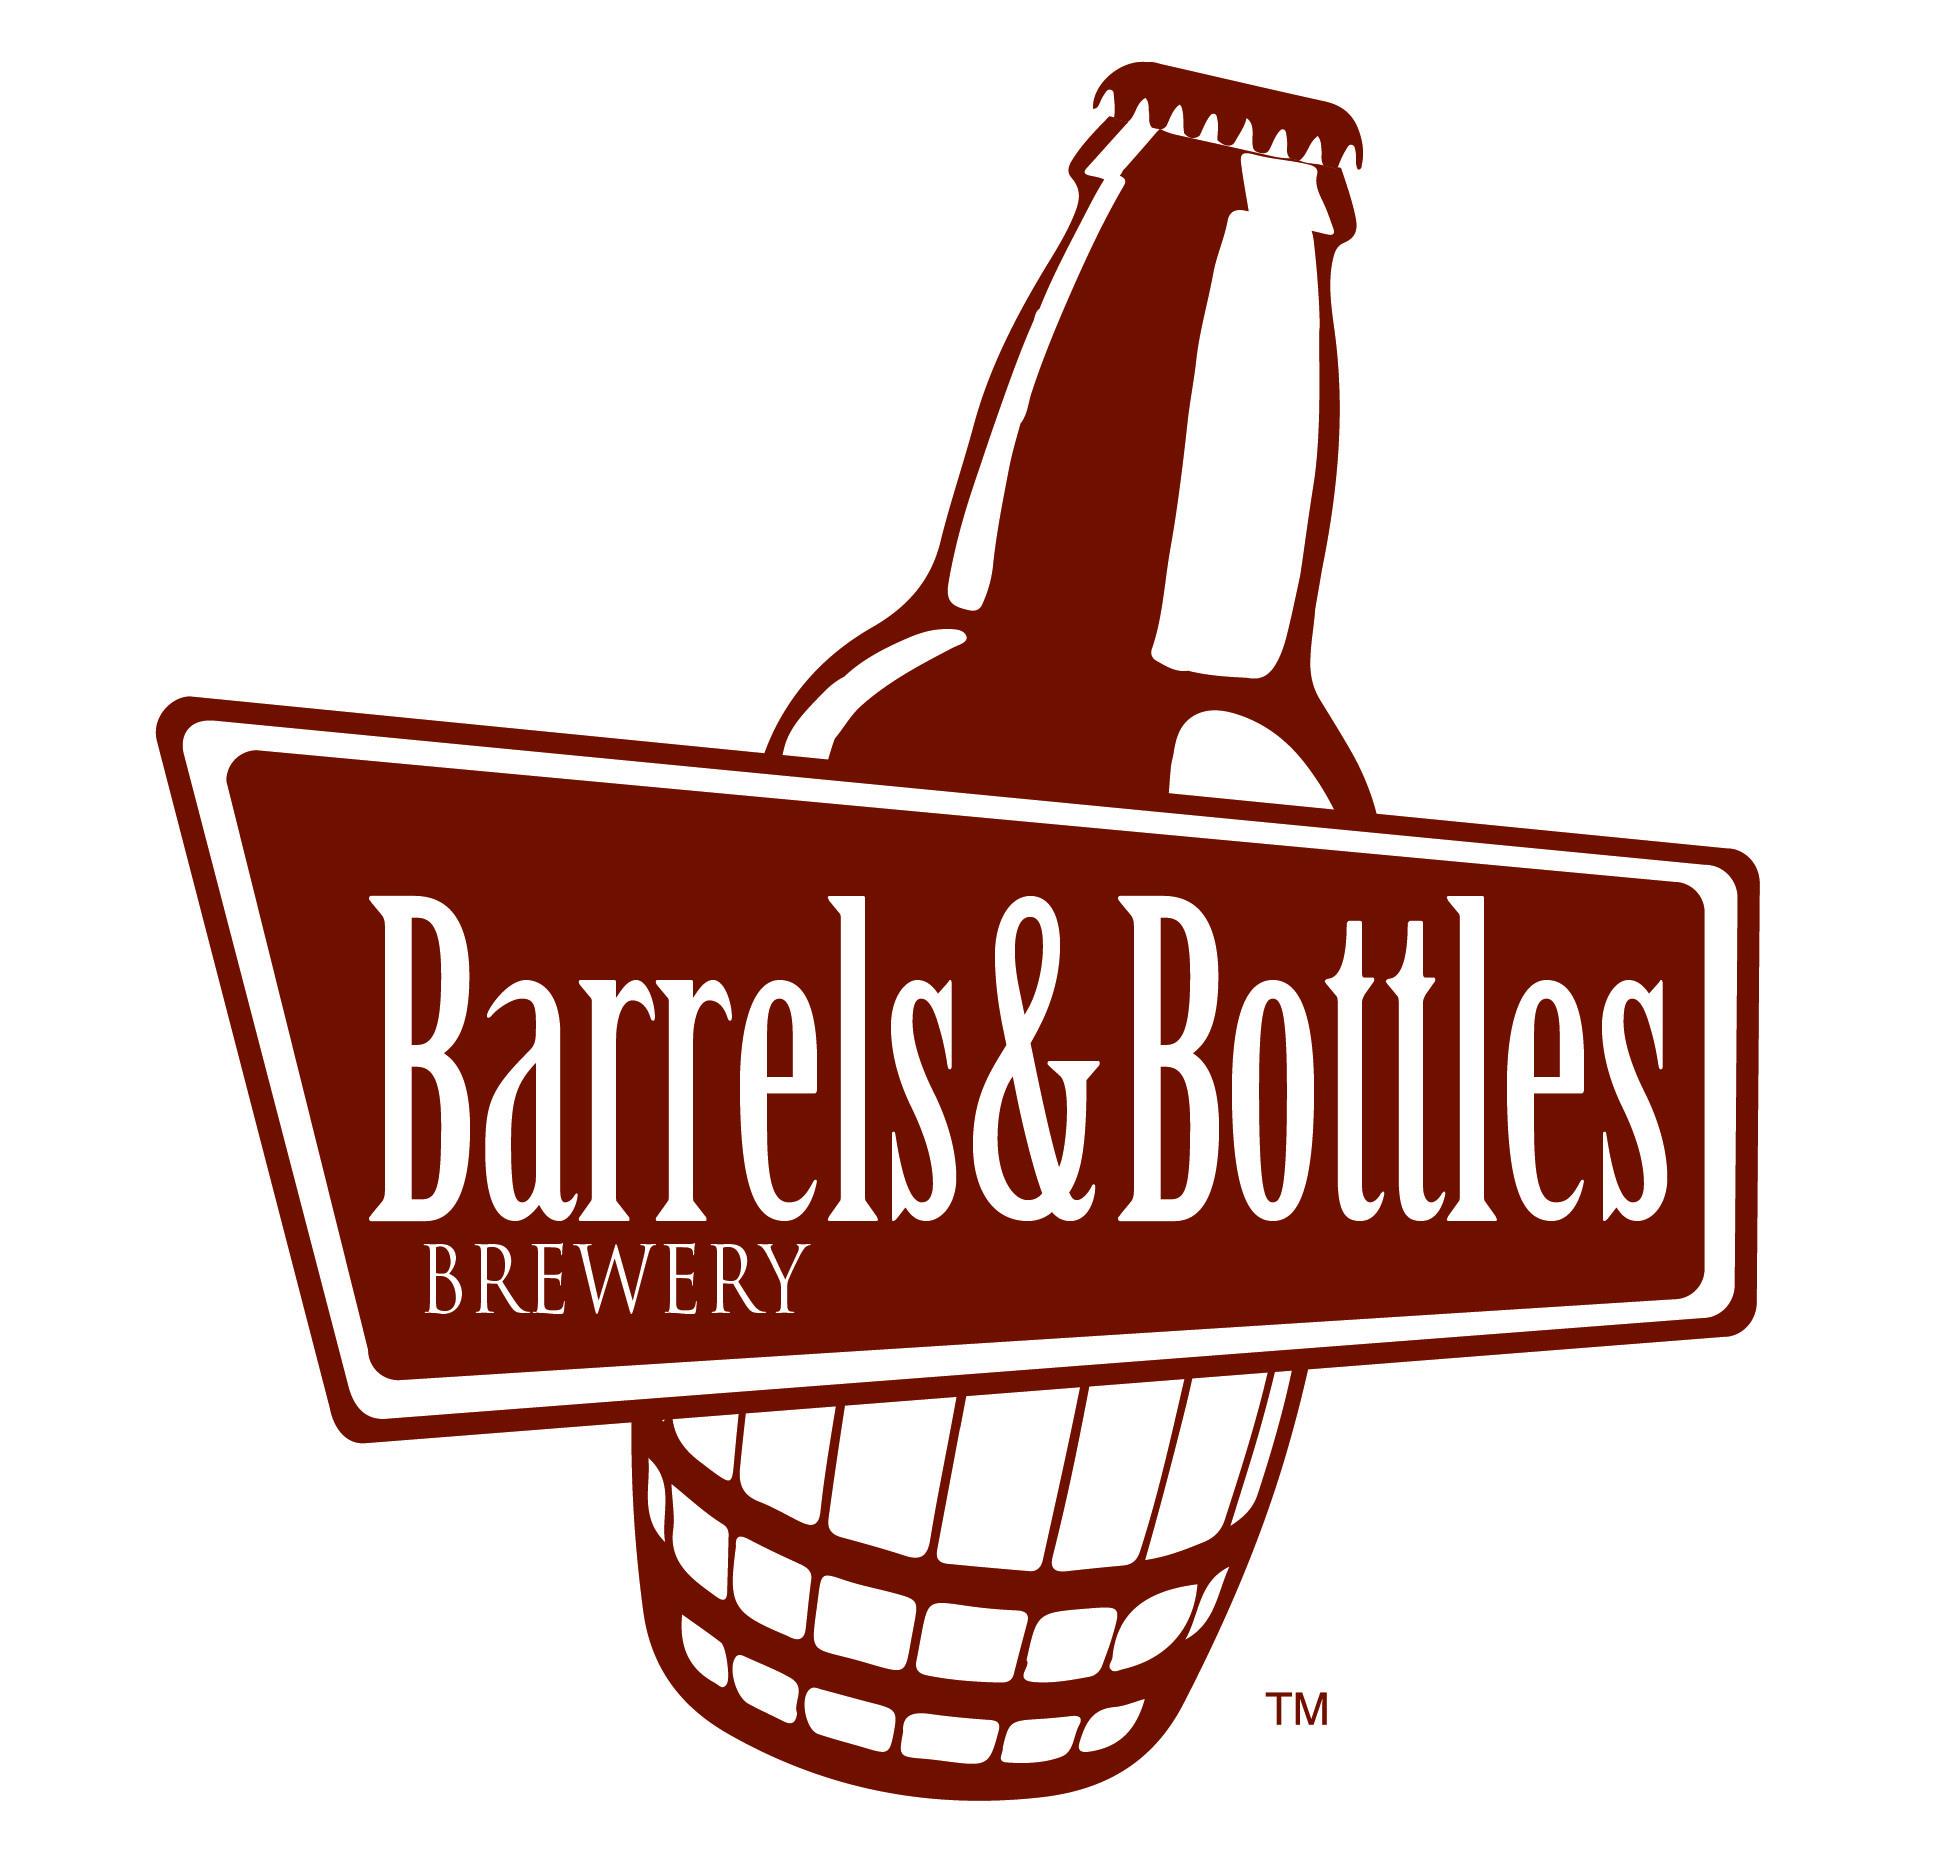 Barrels & Bottles logo